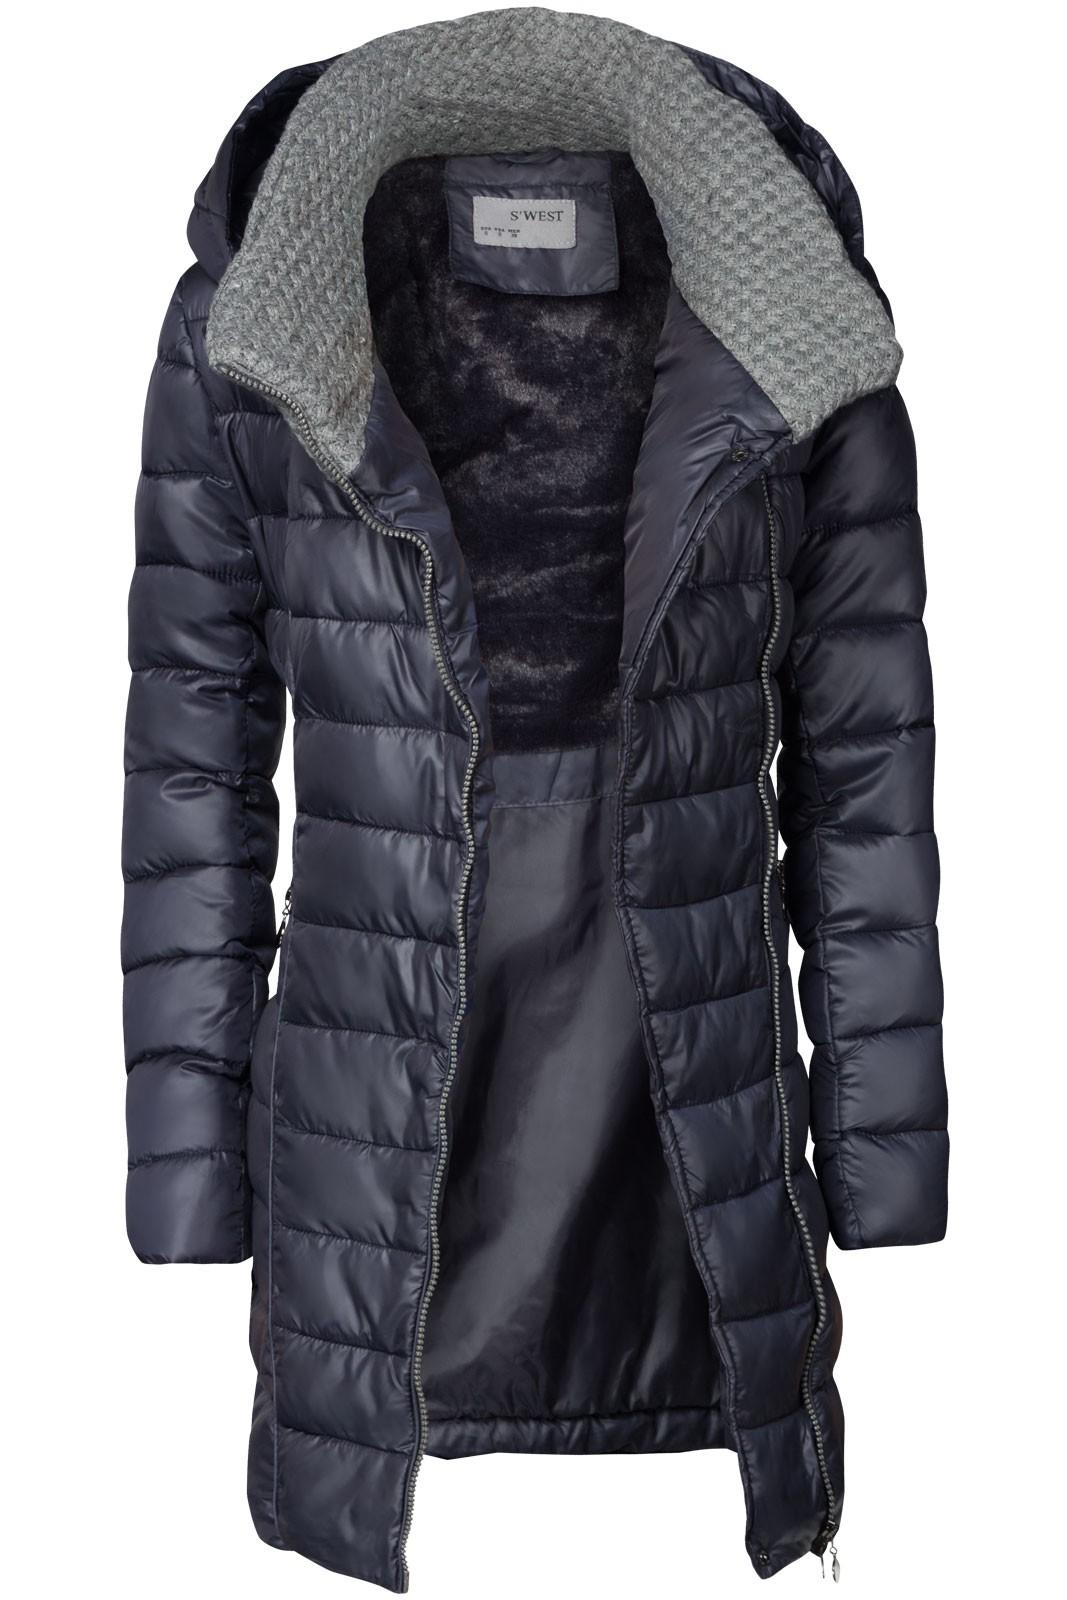 Damen Winter Mantel übergangsmantel Lang Daunen Optik Mit Kapuze